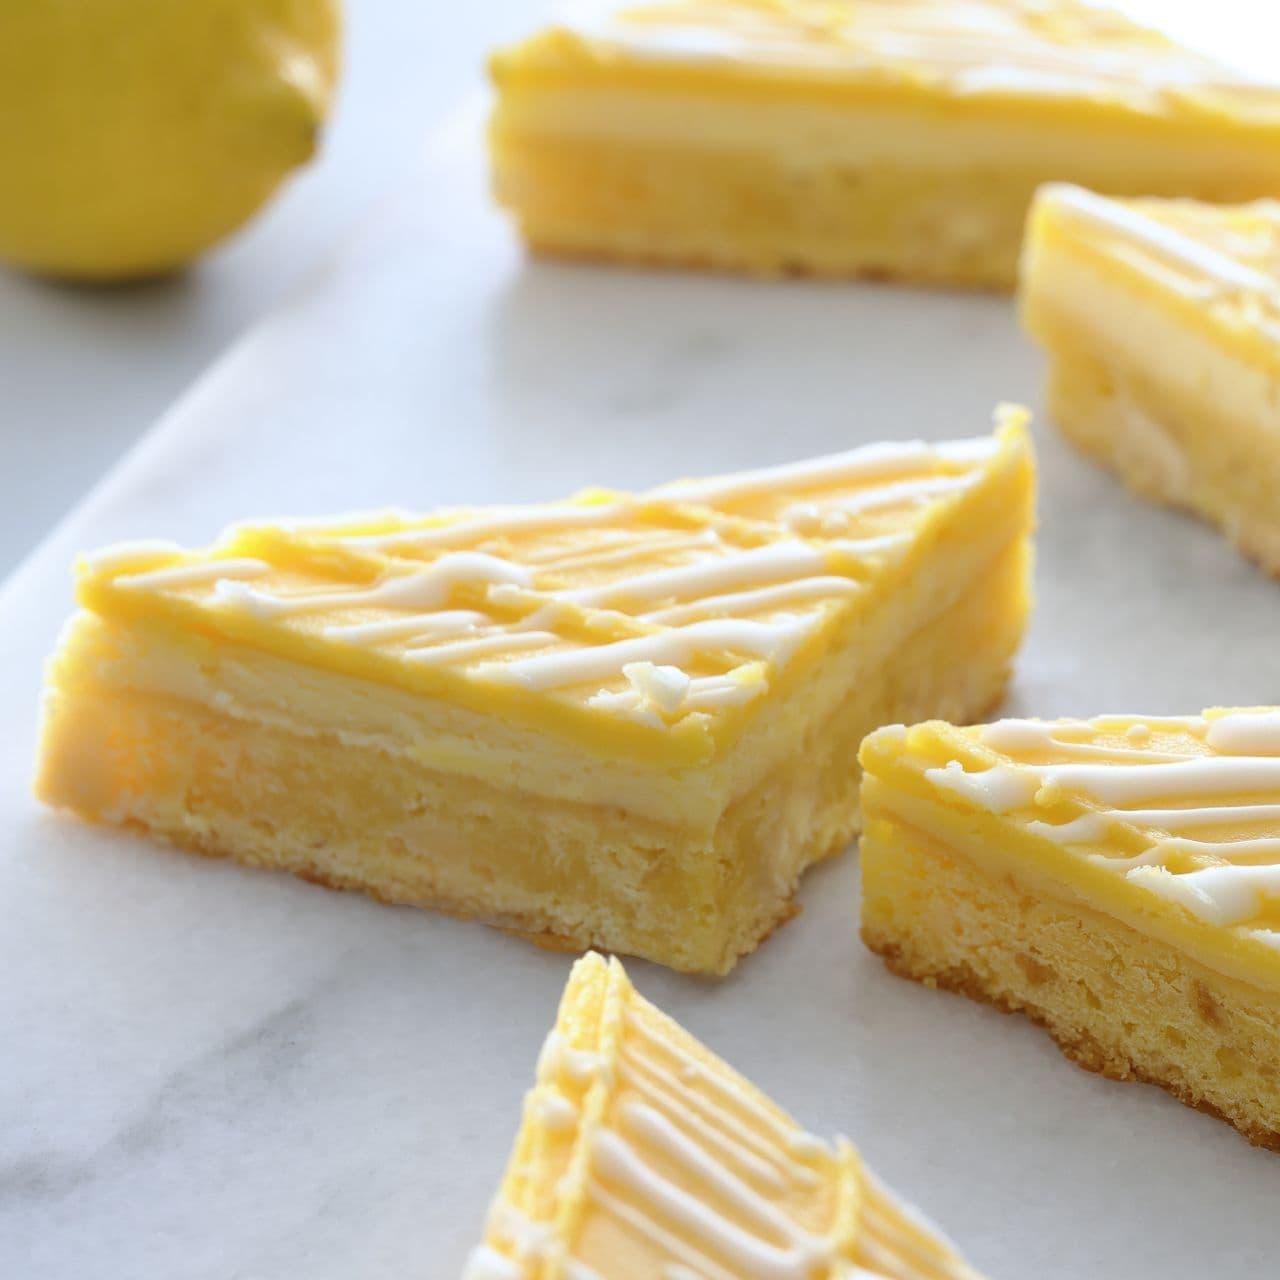 スターバックス「レモンクリームチーズバー」